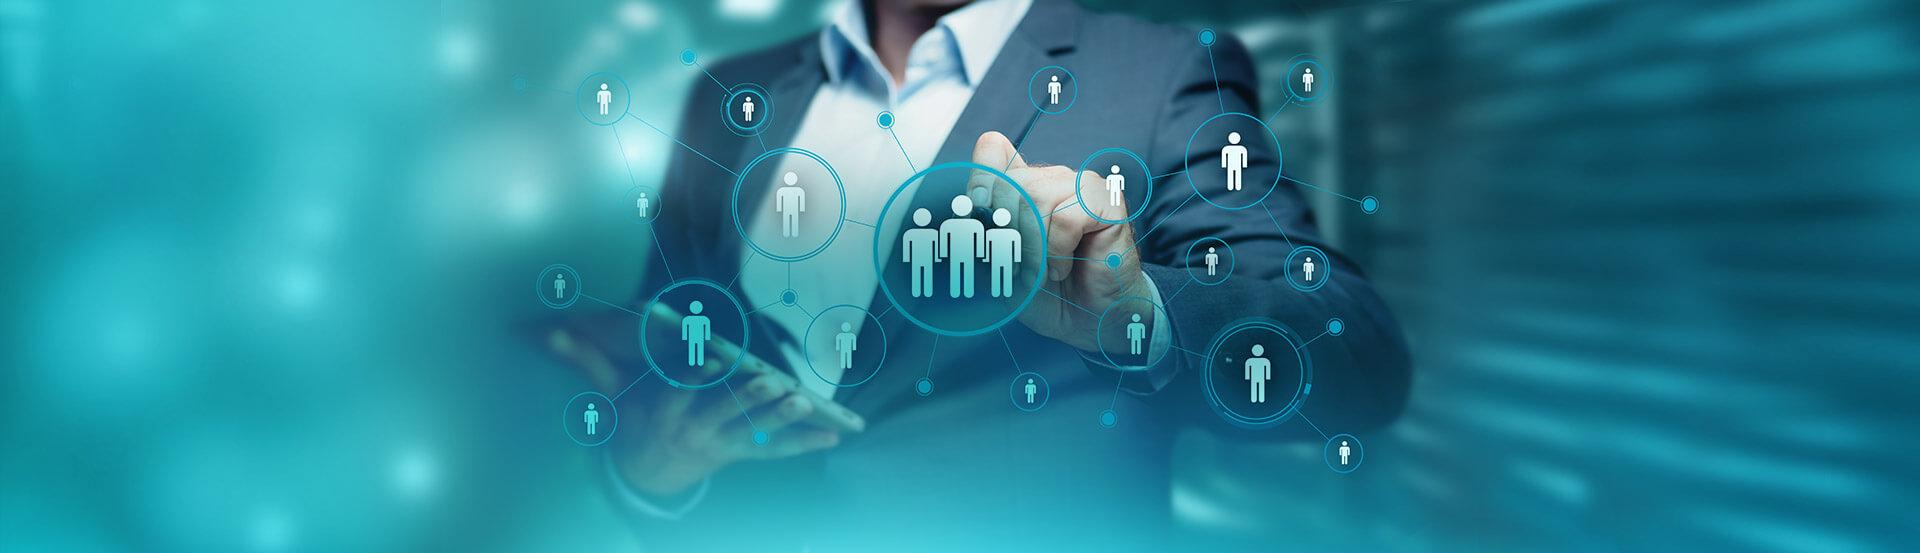 Online survey : Human ressources